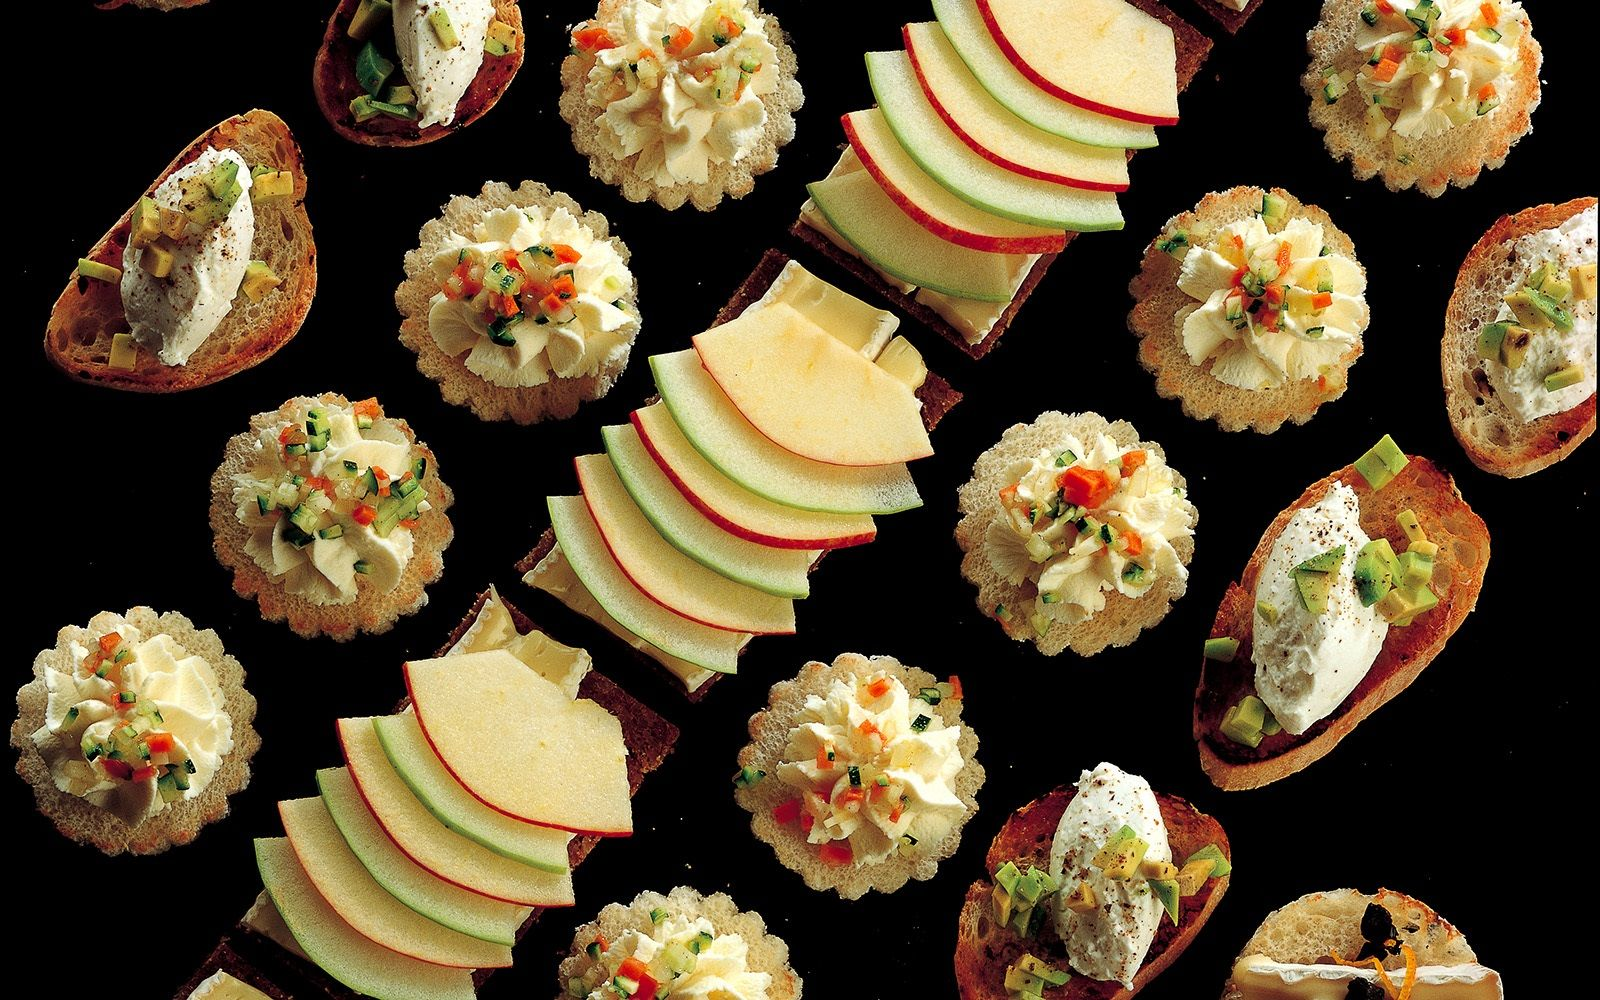 Antipasti Di Natale Cucina Italiana.Antipasti Di Natale 30 Tartine Natalizie La Cucina Italiana Ricette Formaggio Di Capra Antipasti Di Natale